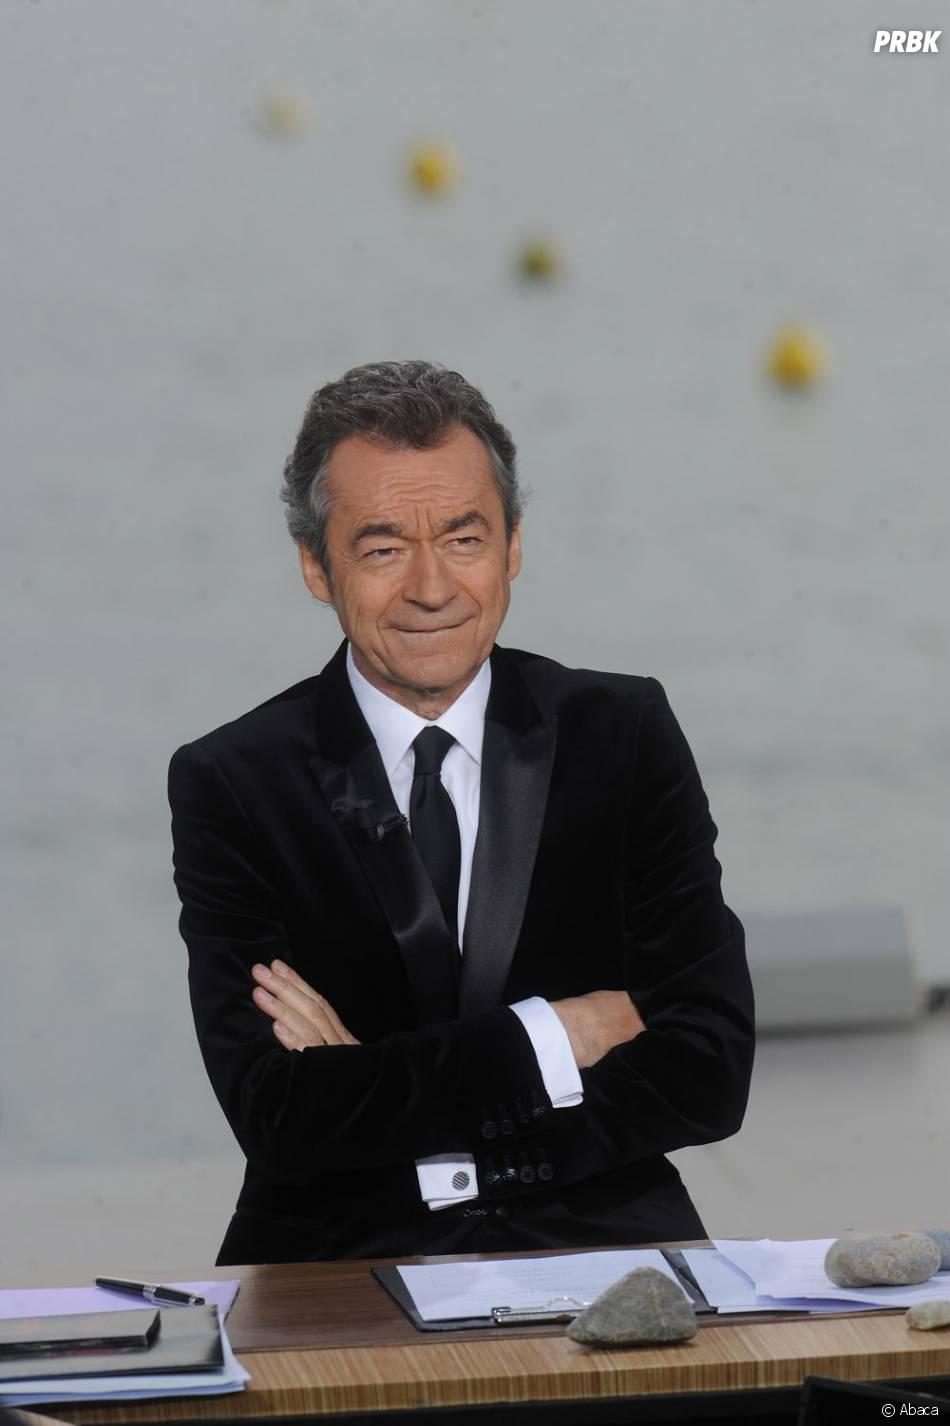 Michel Denisot anime sa dernière semaine de présentateur du Grand Journal de Canal +